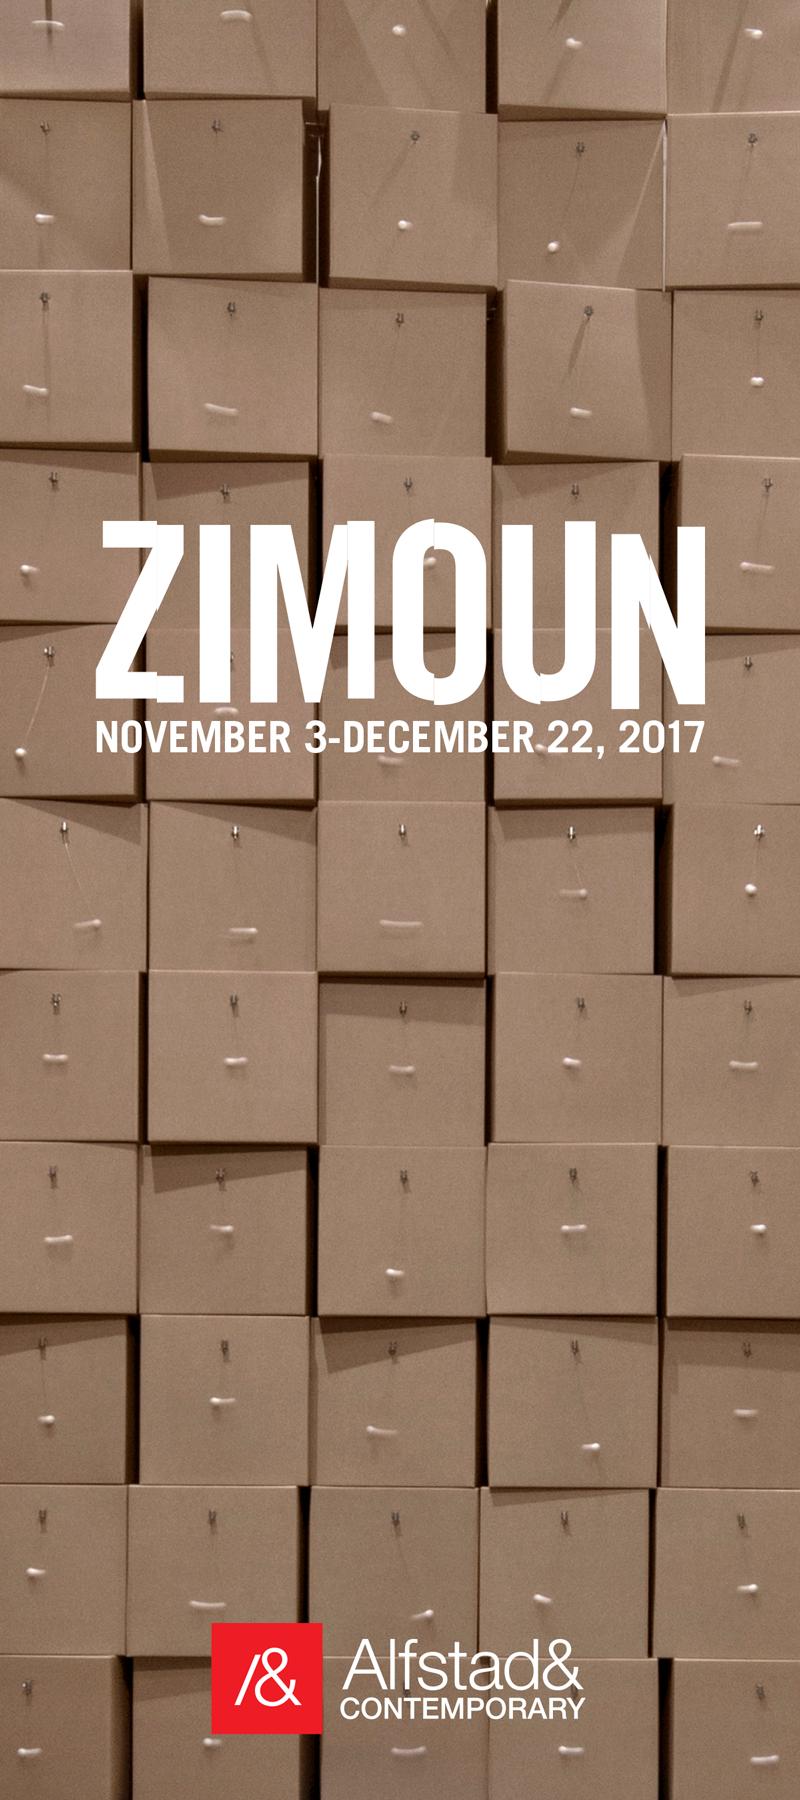 zimoun_rackcard-1.png